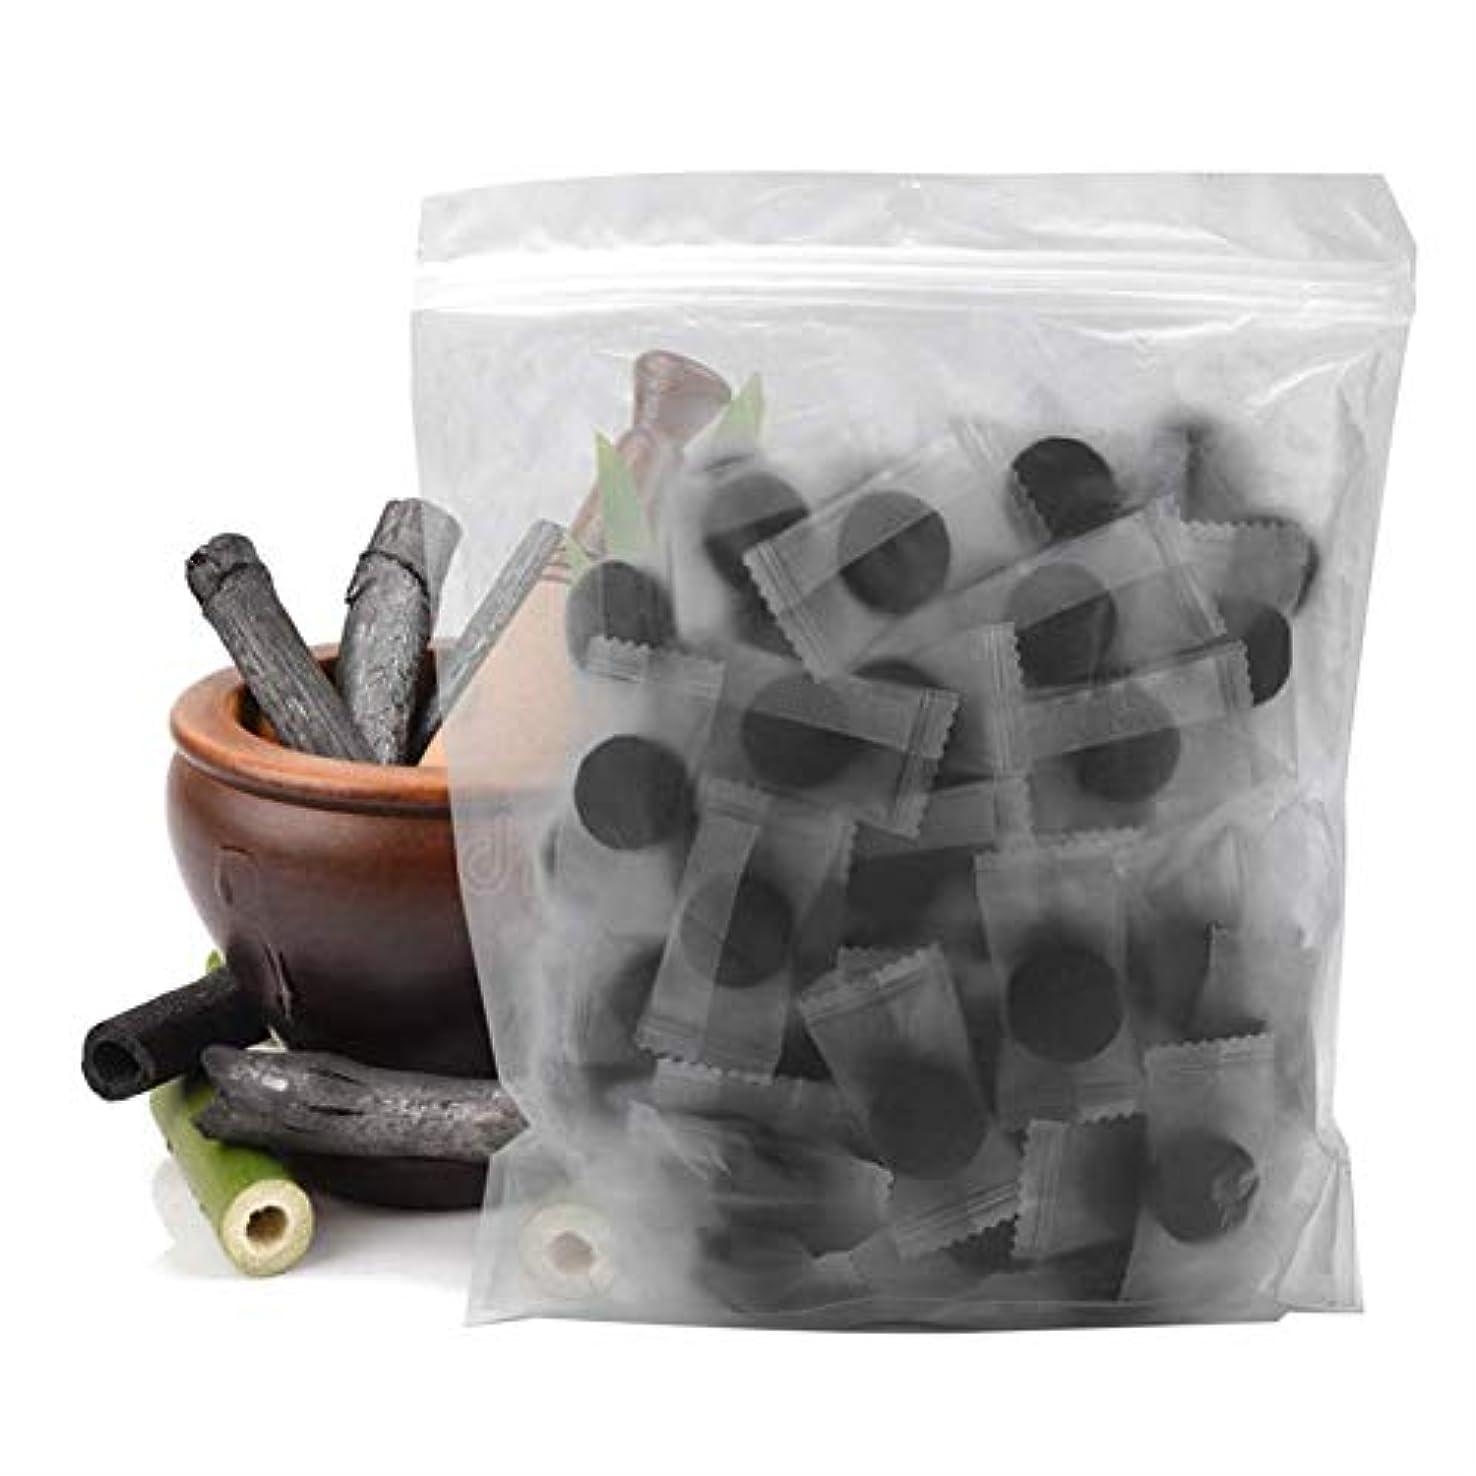 隠サーフィンかわいらしいコインマスク 竹炭繊維 100枚入れ 圧縮フェースマスク 紙DIY スキンケア DIY フェイシャルマスク